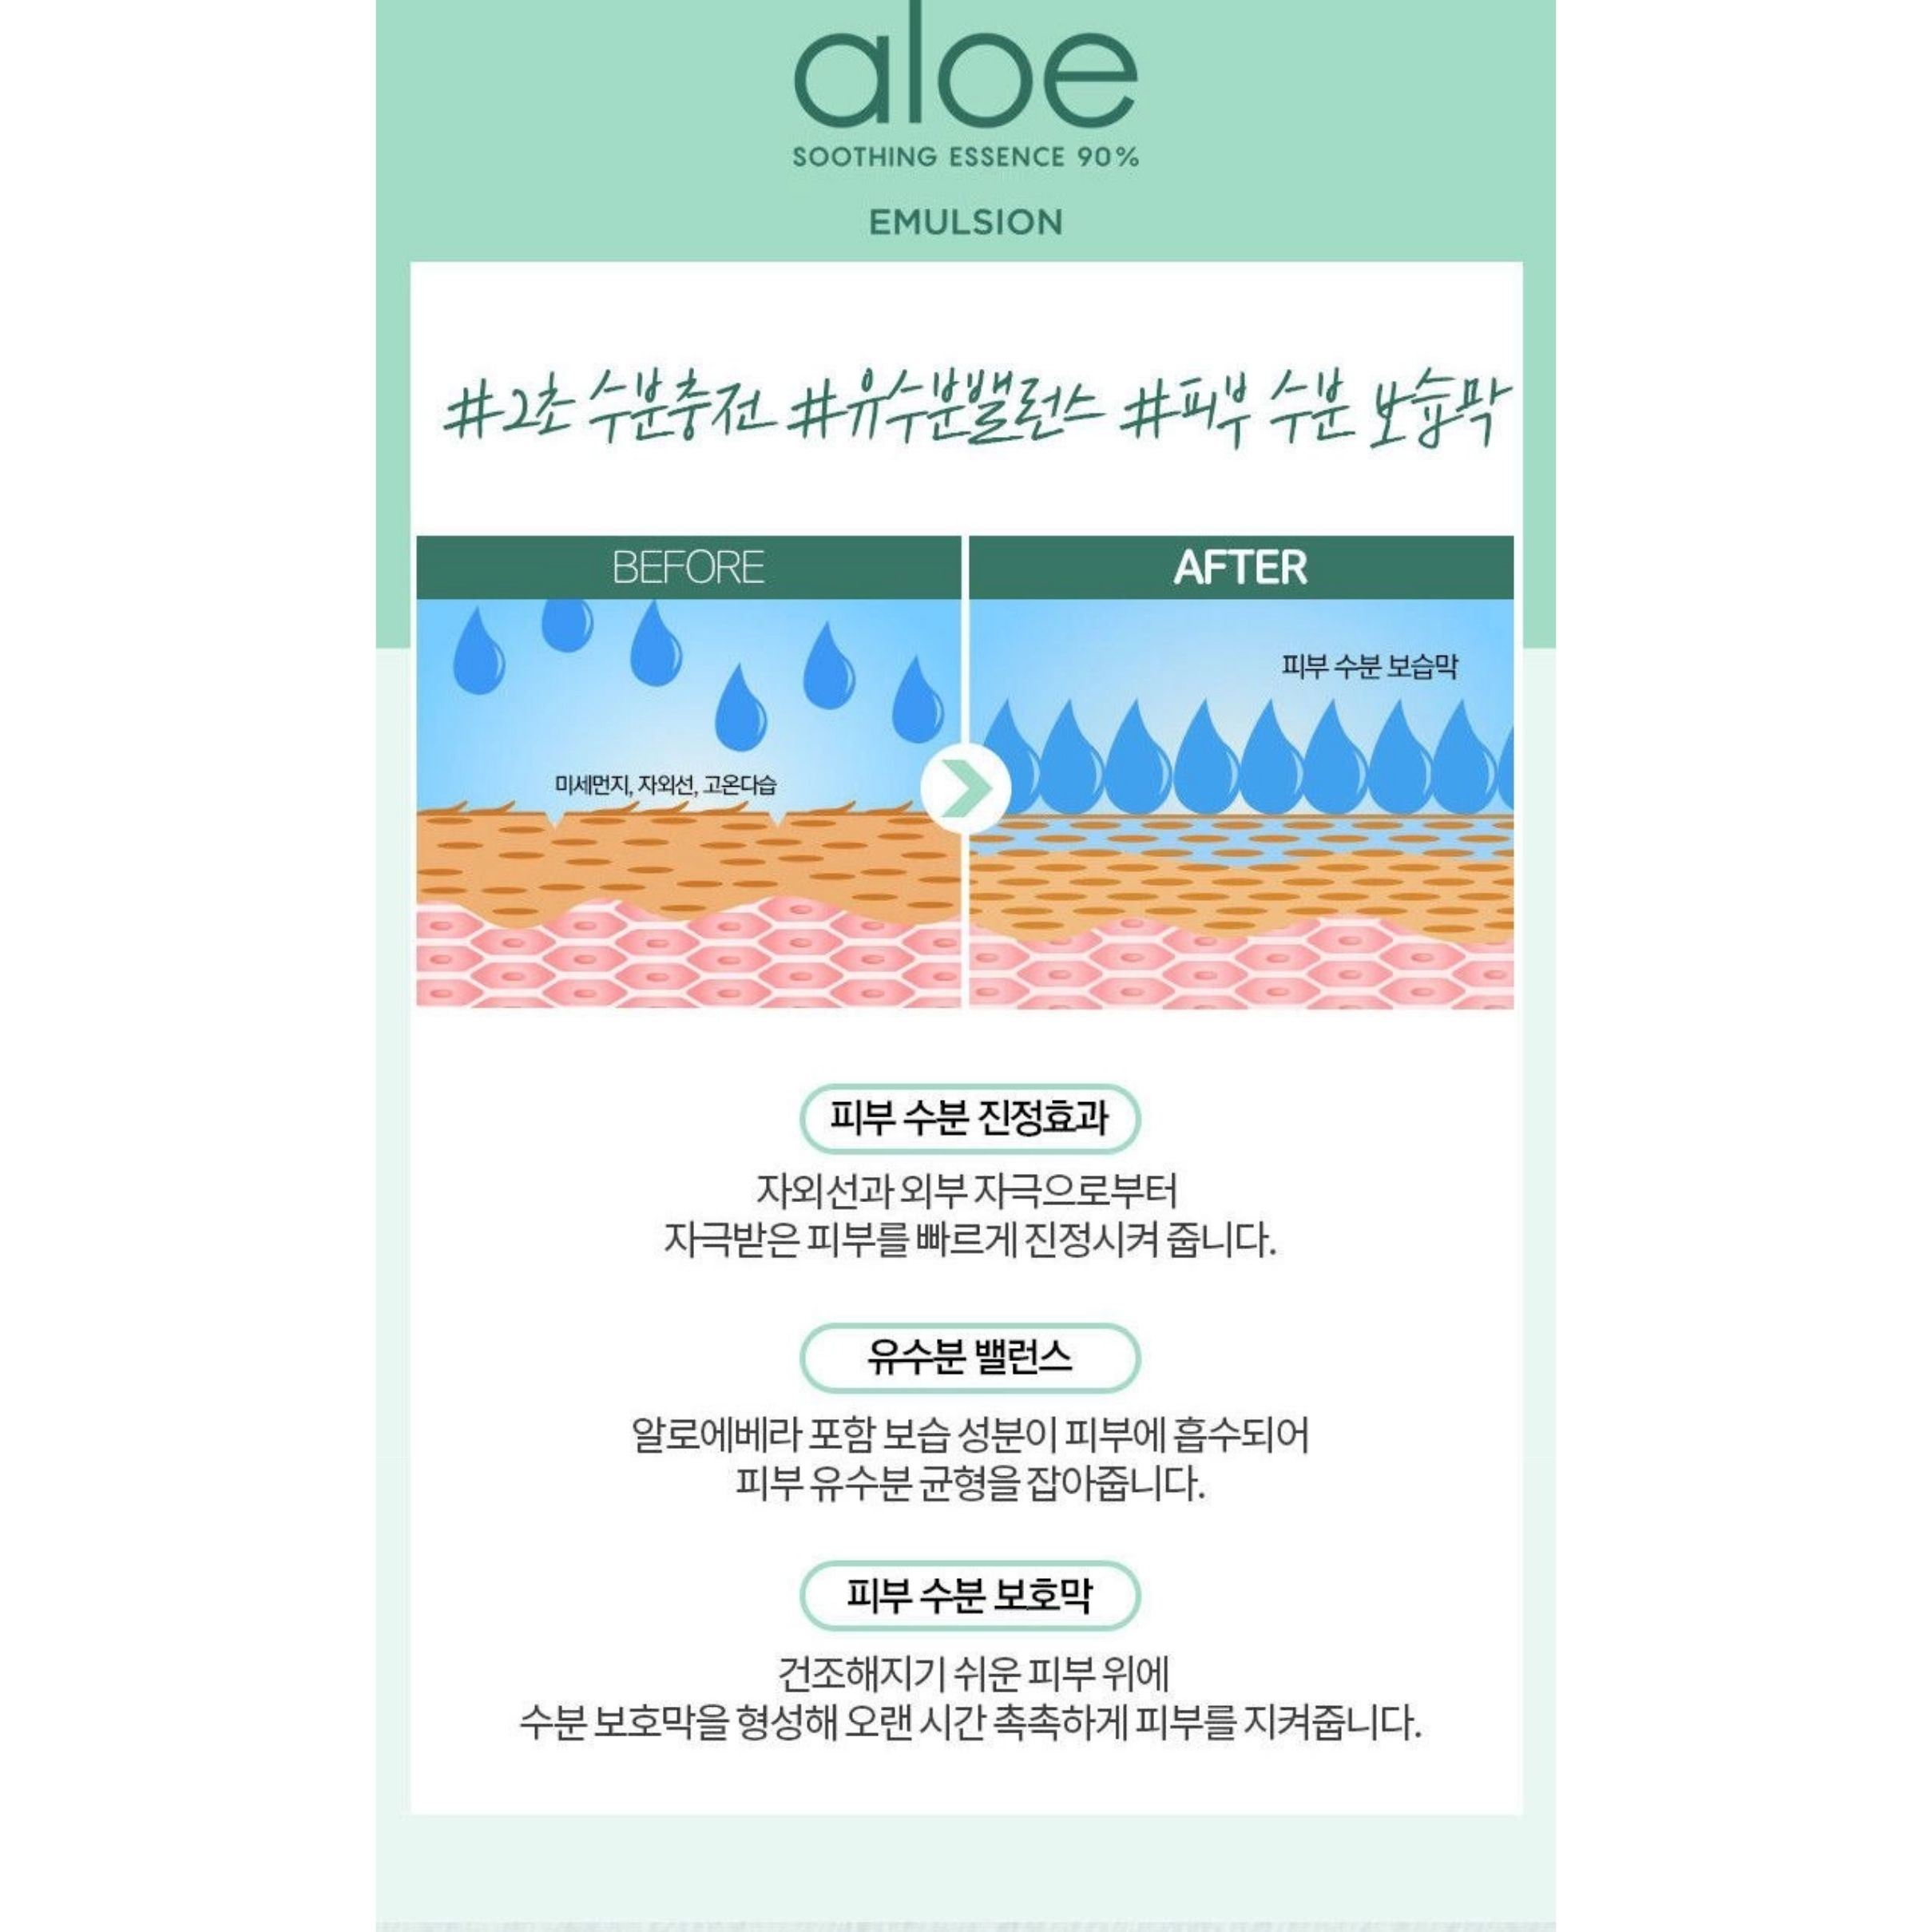 Holika Holika Aloe Soothing Essence 90% Emulsion (200ml)